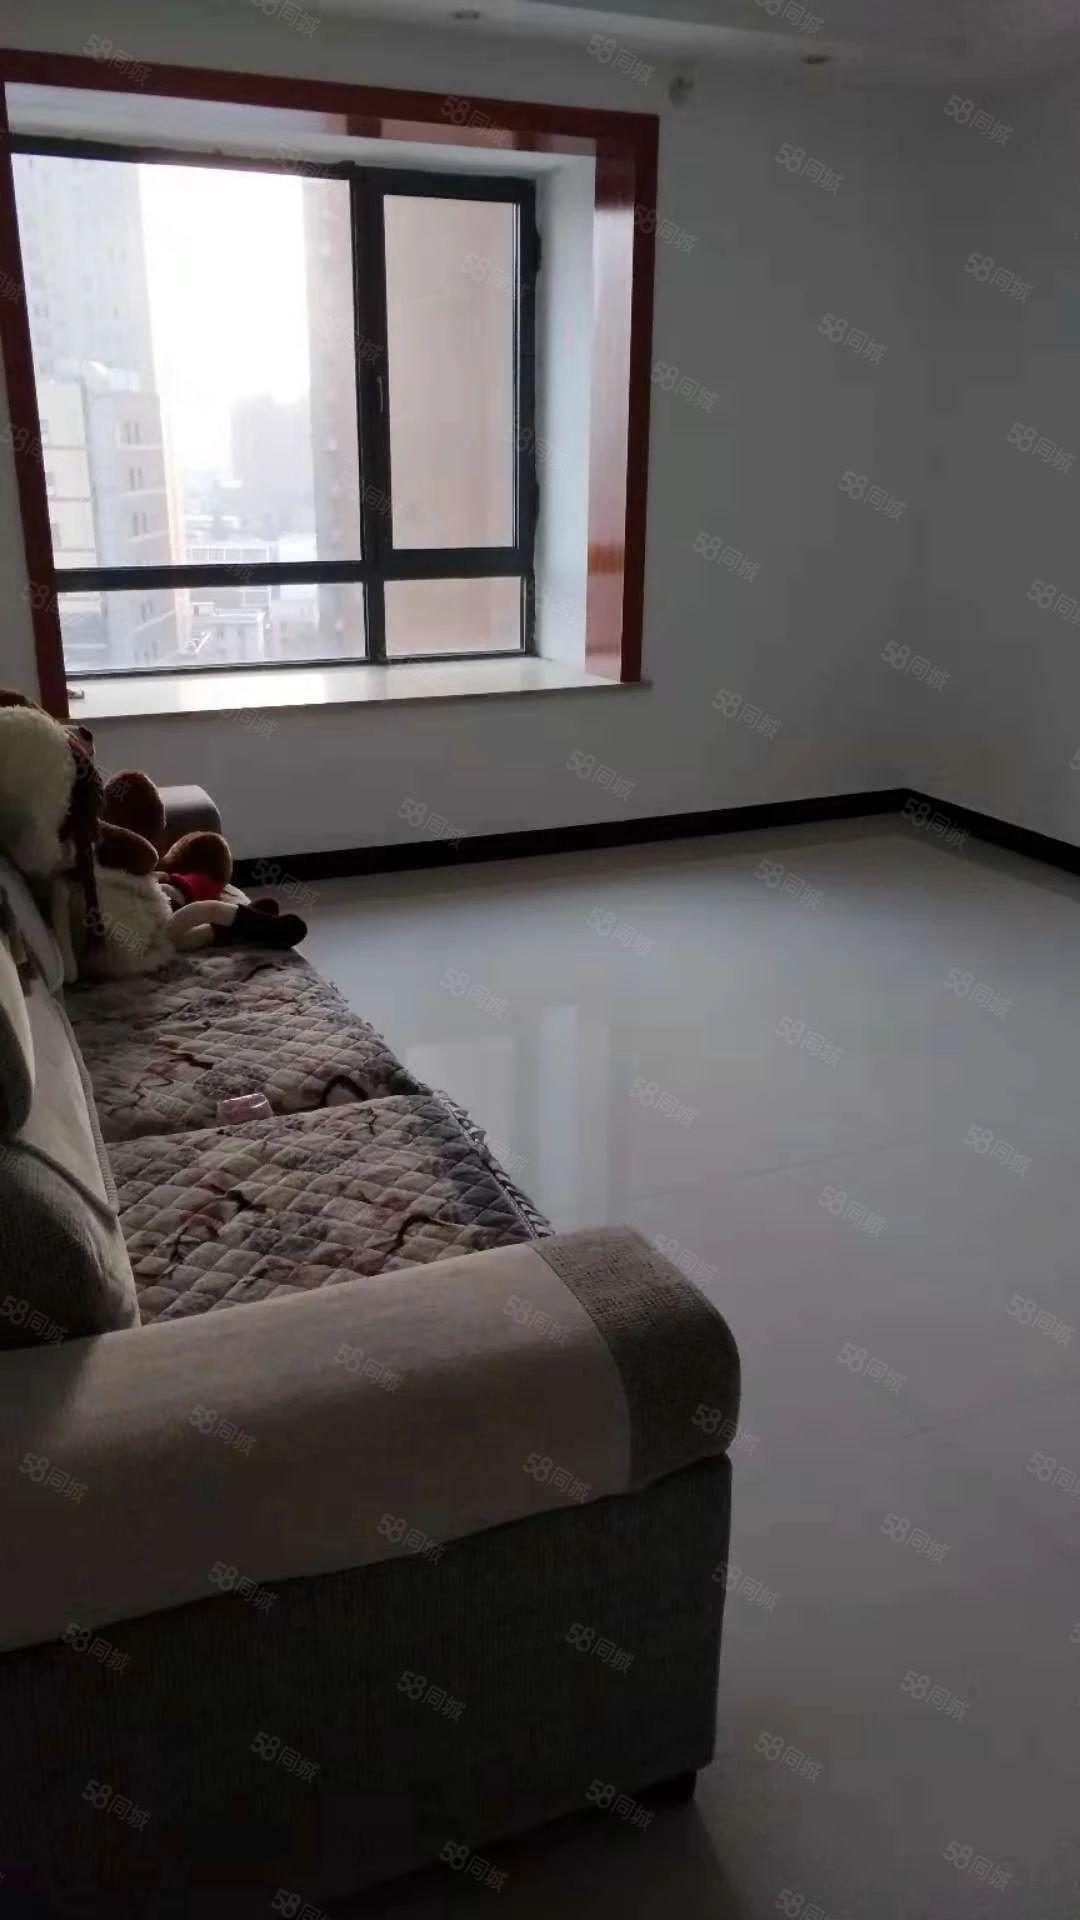 万家灯火11号楼精装三室干净明亮办公居住都适宜随时可看房